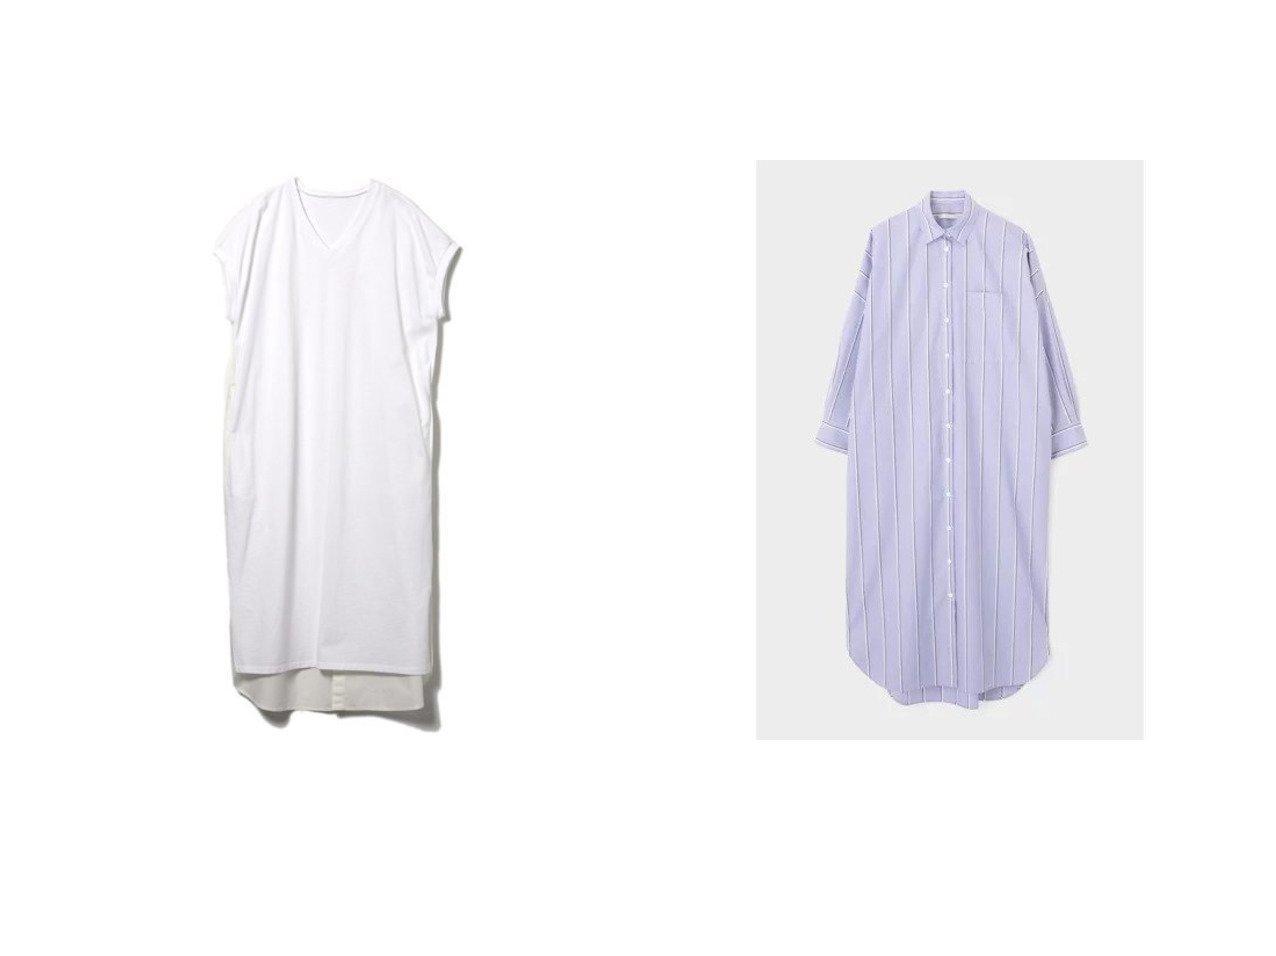 【CLEAR IMPRESSION/クリアインプレッション】の《INED CLARO》カットソードッキングワンピース&【LE PHIL/ル フィル】のイージーケアブロードワンピース 【ワンピース・ドレス】おすすめ!人気、トレンド・レディースファッションの通販 おすすめで人気の流行・トレンド、ファッションの通販商品 インテリア・家具・メンズファッション・キッズファッション・レディースファッション・服の通販 founy(ファニー) https://founy.com/ ファッション Fashion レディースファッション WOMEN ワンピース Dress シャツワンピース Shirt Dresses カットソー キャップ シンプル スリット スリーブ デコルテ ポケット 2021年 2021 2021春夏・S/S SS/Spring/Summer/2021 S/S・春夏 SS・Spring/Summer キャミソール ベーシック 長袖 |ID:crp329100000047630